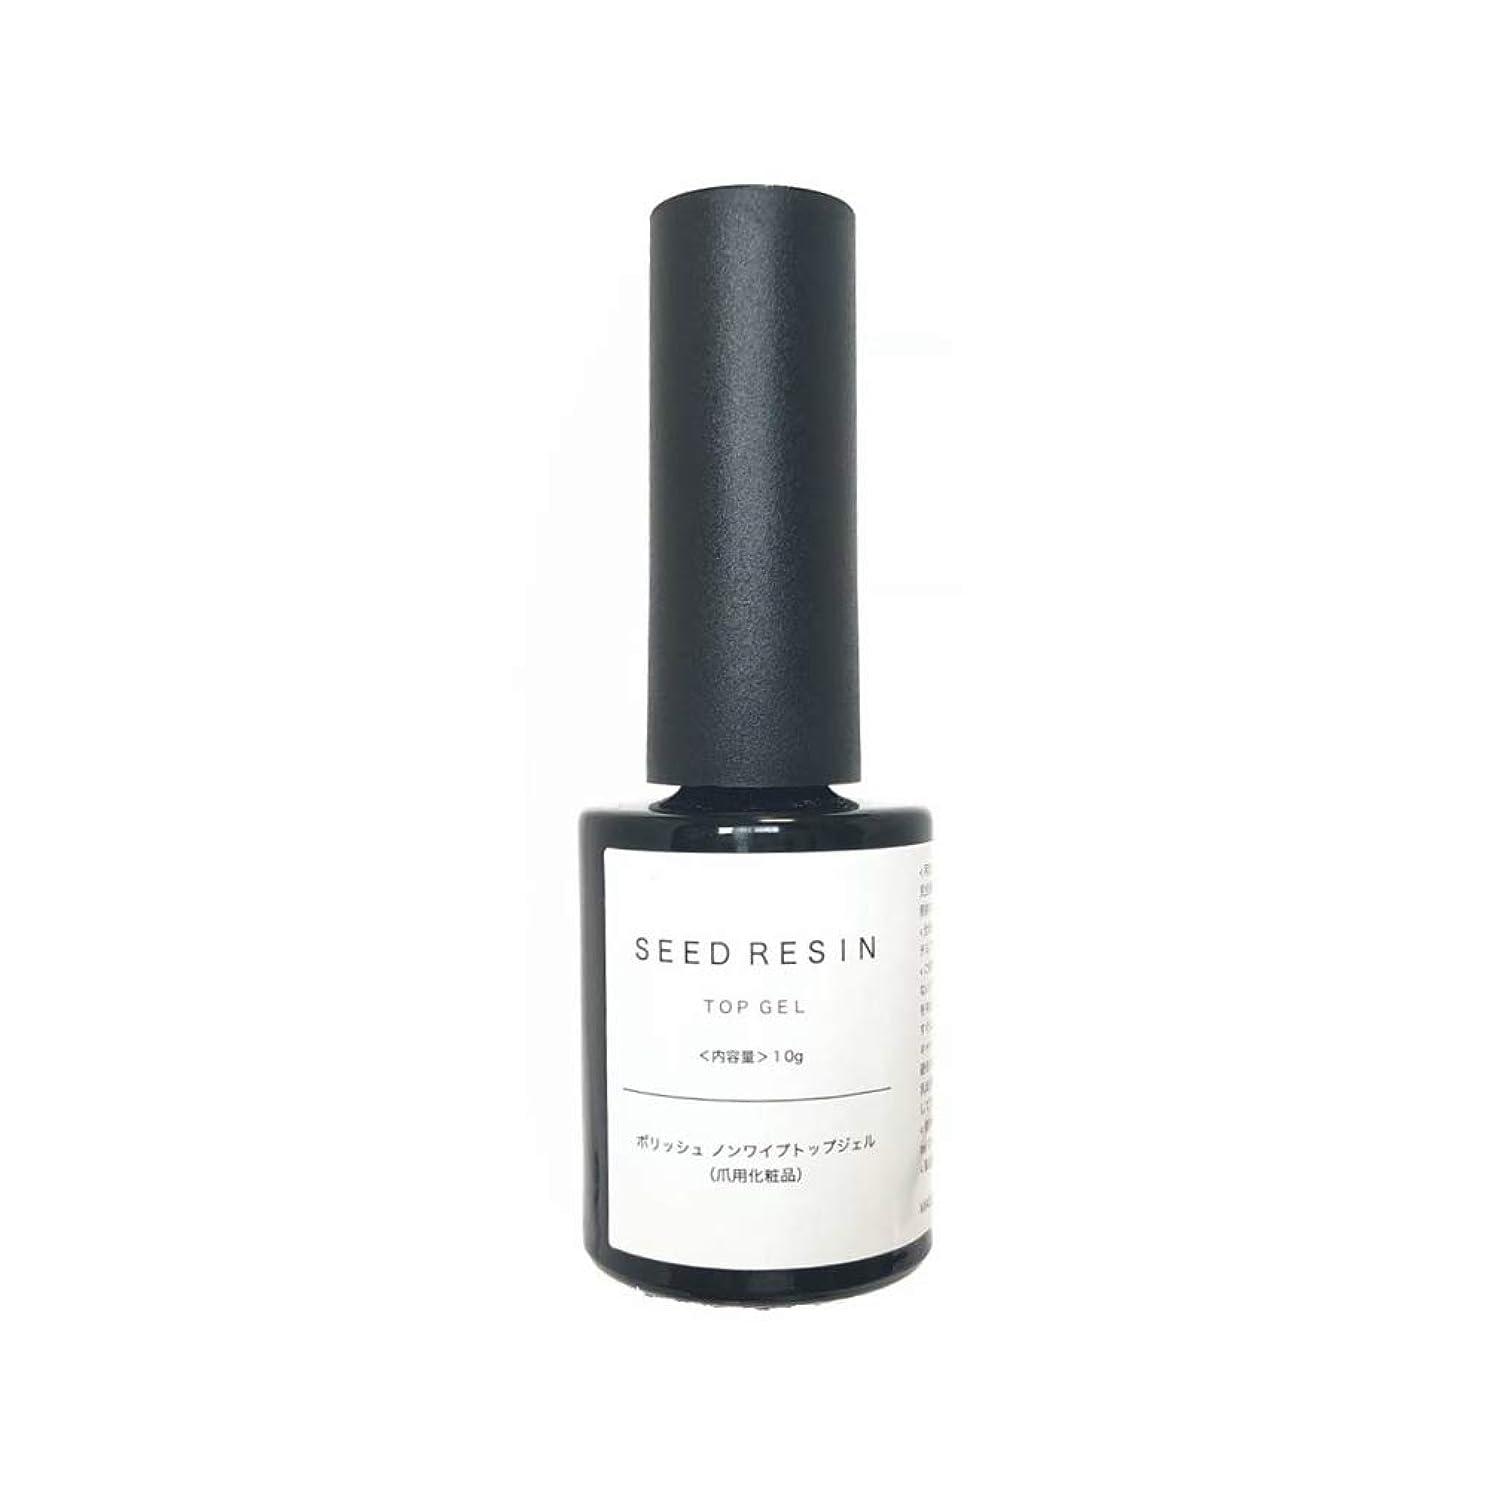 薄汚いポーン非互換SEED RESIN(シードレジン) ジェルネイル ポリッシュ ノンワイプ トップジェル 10g 爪用化粧品